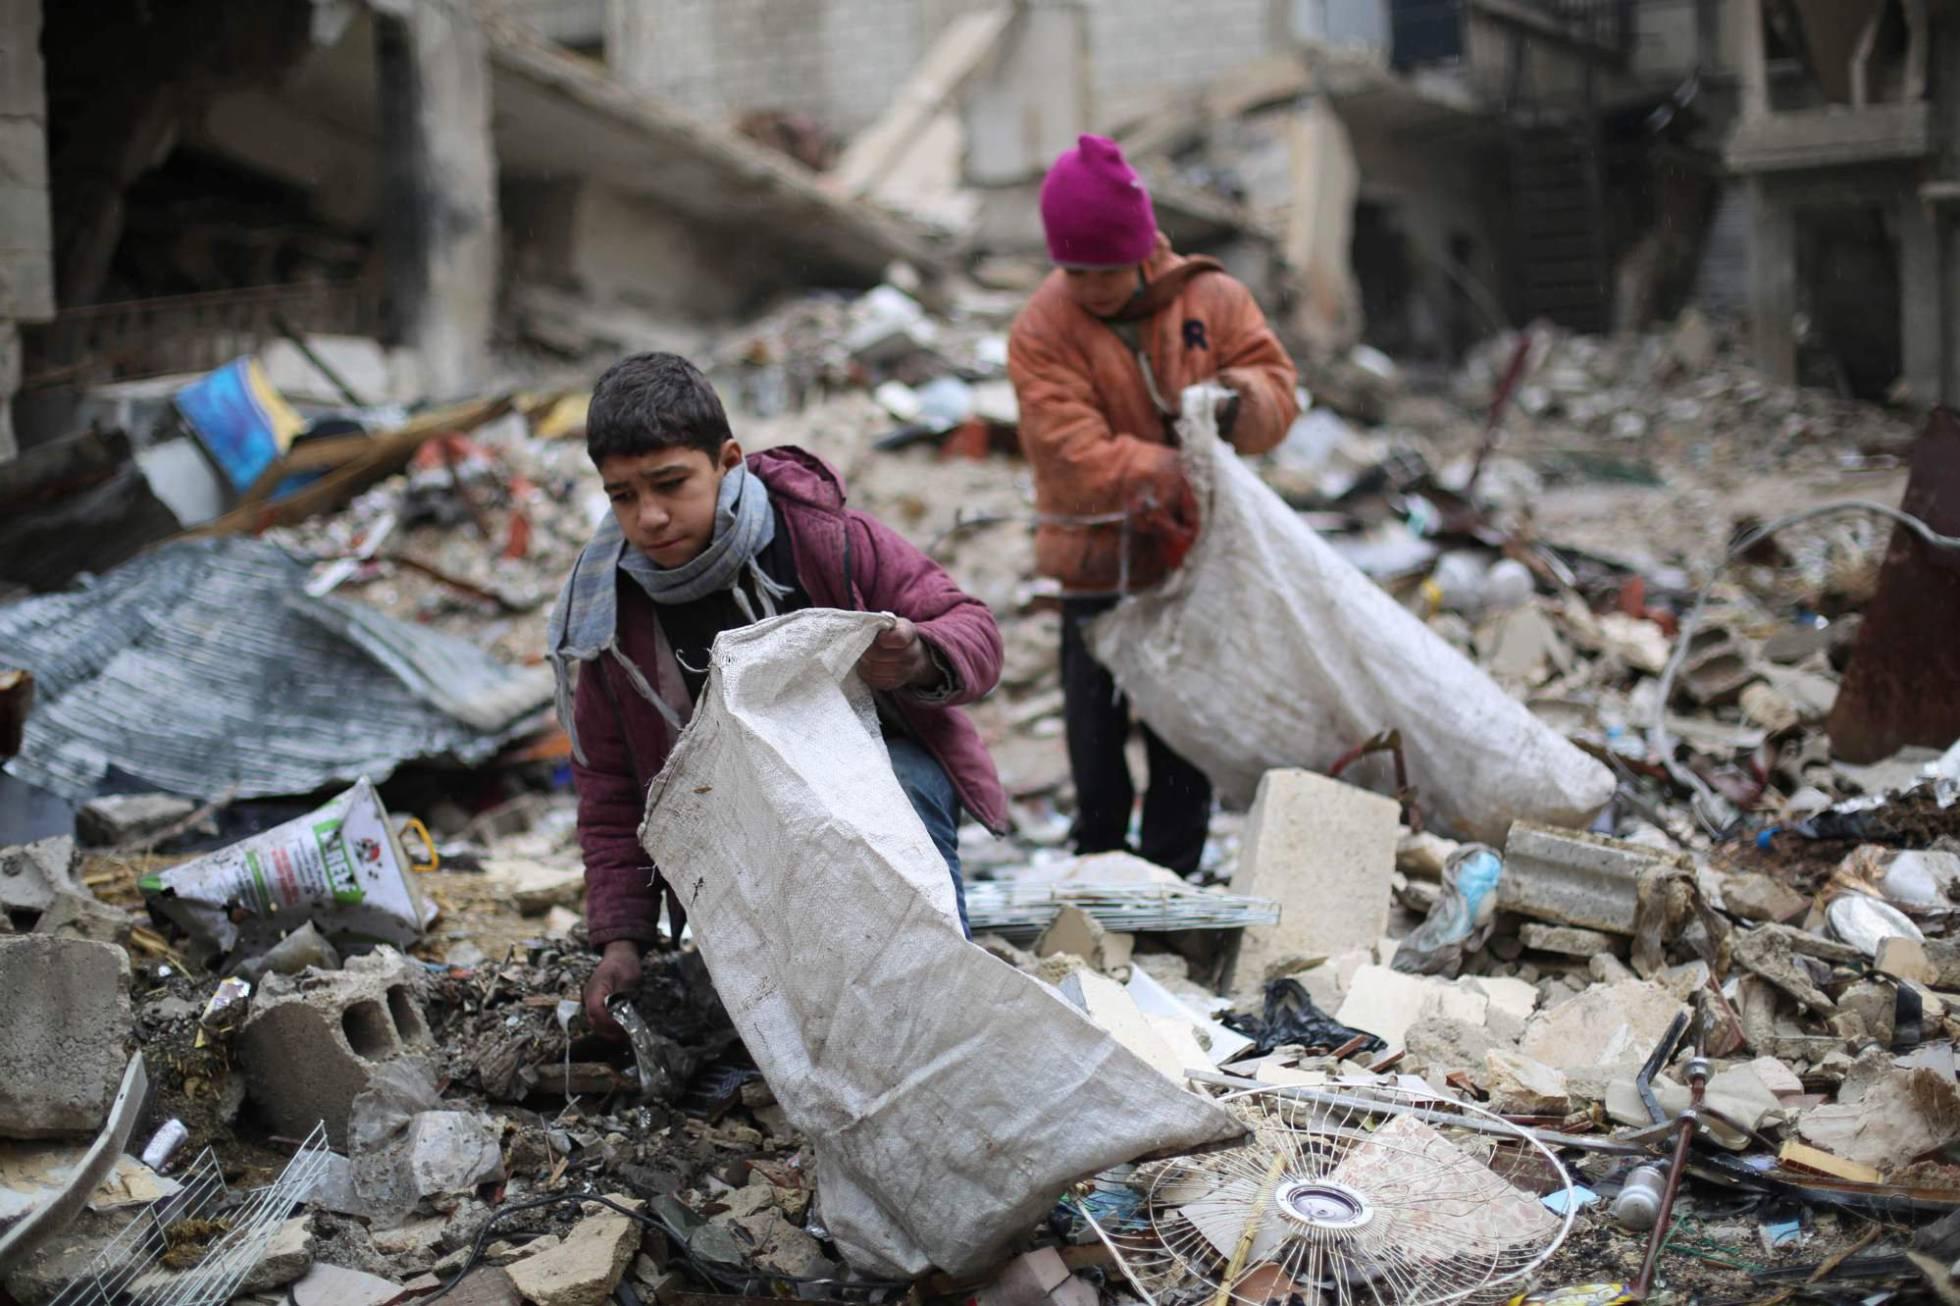 Siria - Conflicto Turquía - Siria  - Página 13 1482950340_410110_1482950695_noticia_normal_recorte1